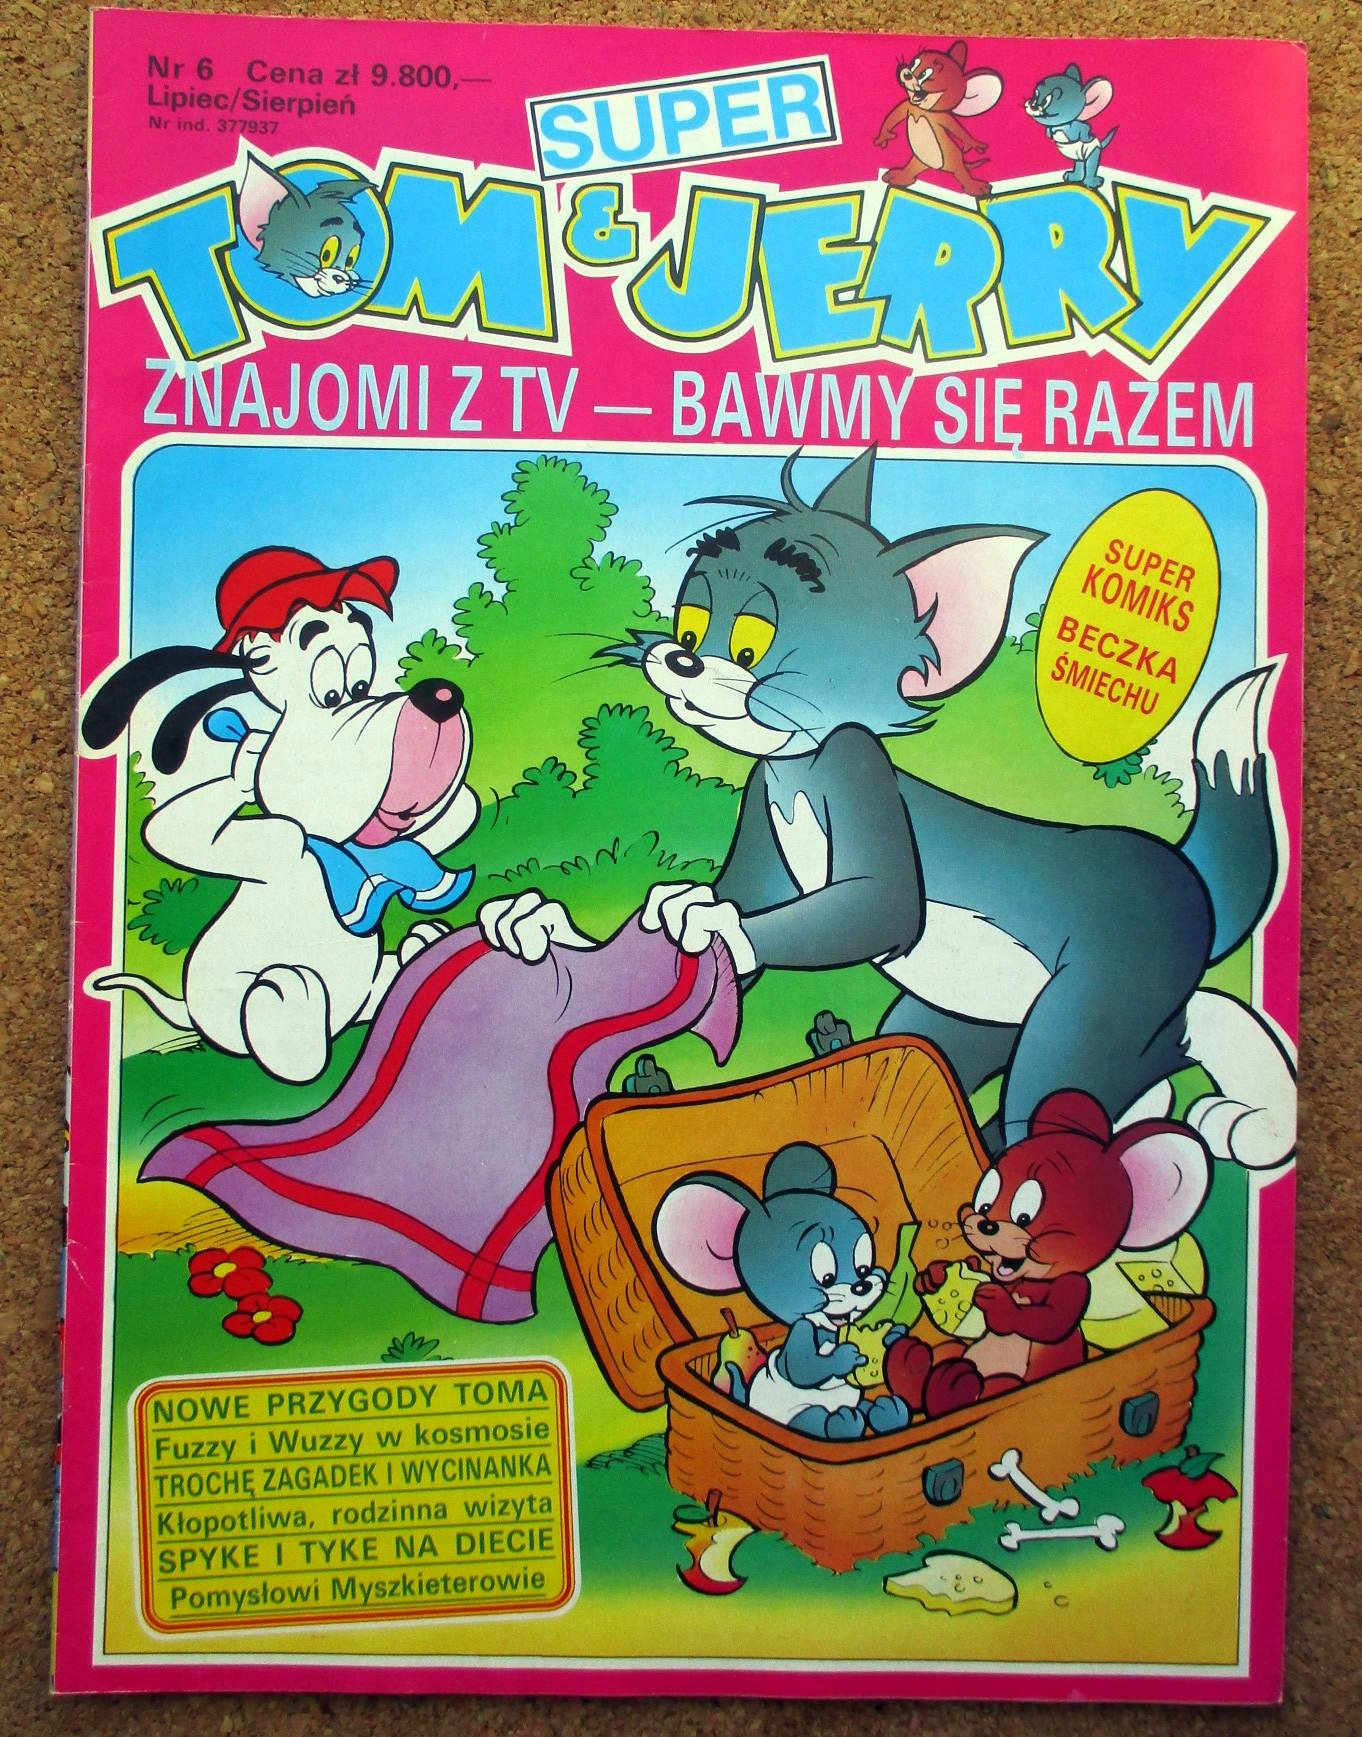 SUPER TOM & JERRY 6 STAN BDB A4 KOMIKS I